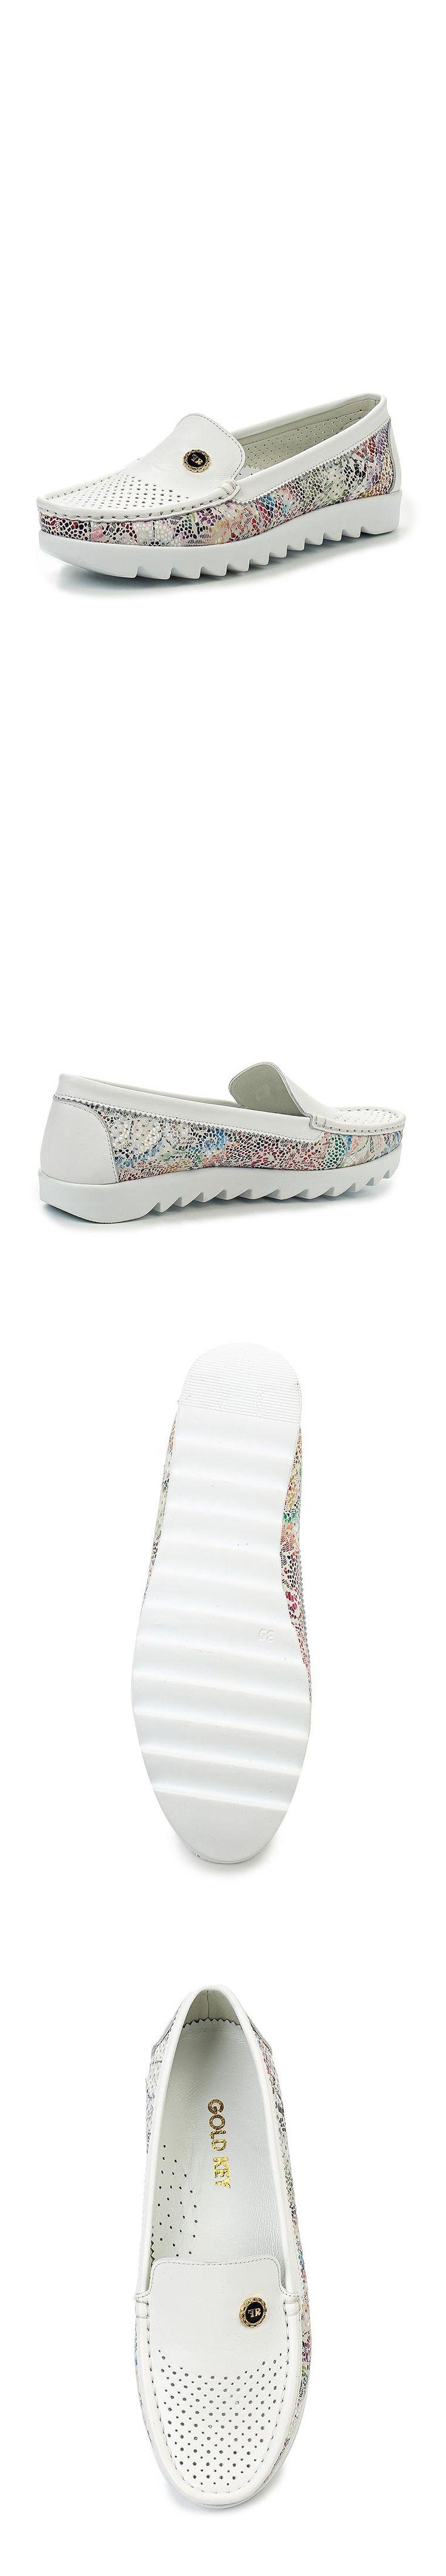 Женская обувь мокасины Gold Key за 6670.00 руб.